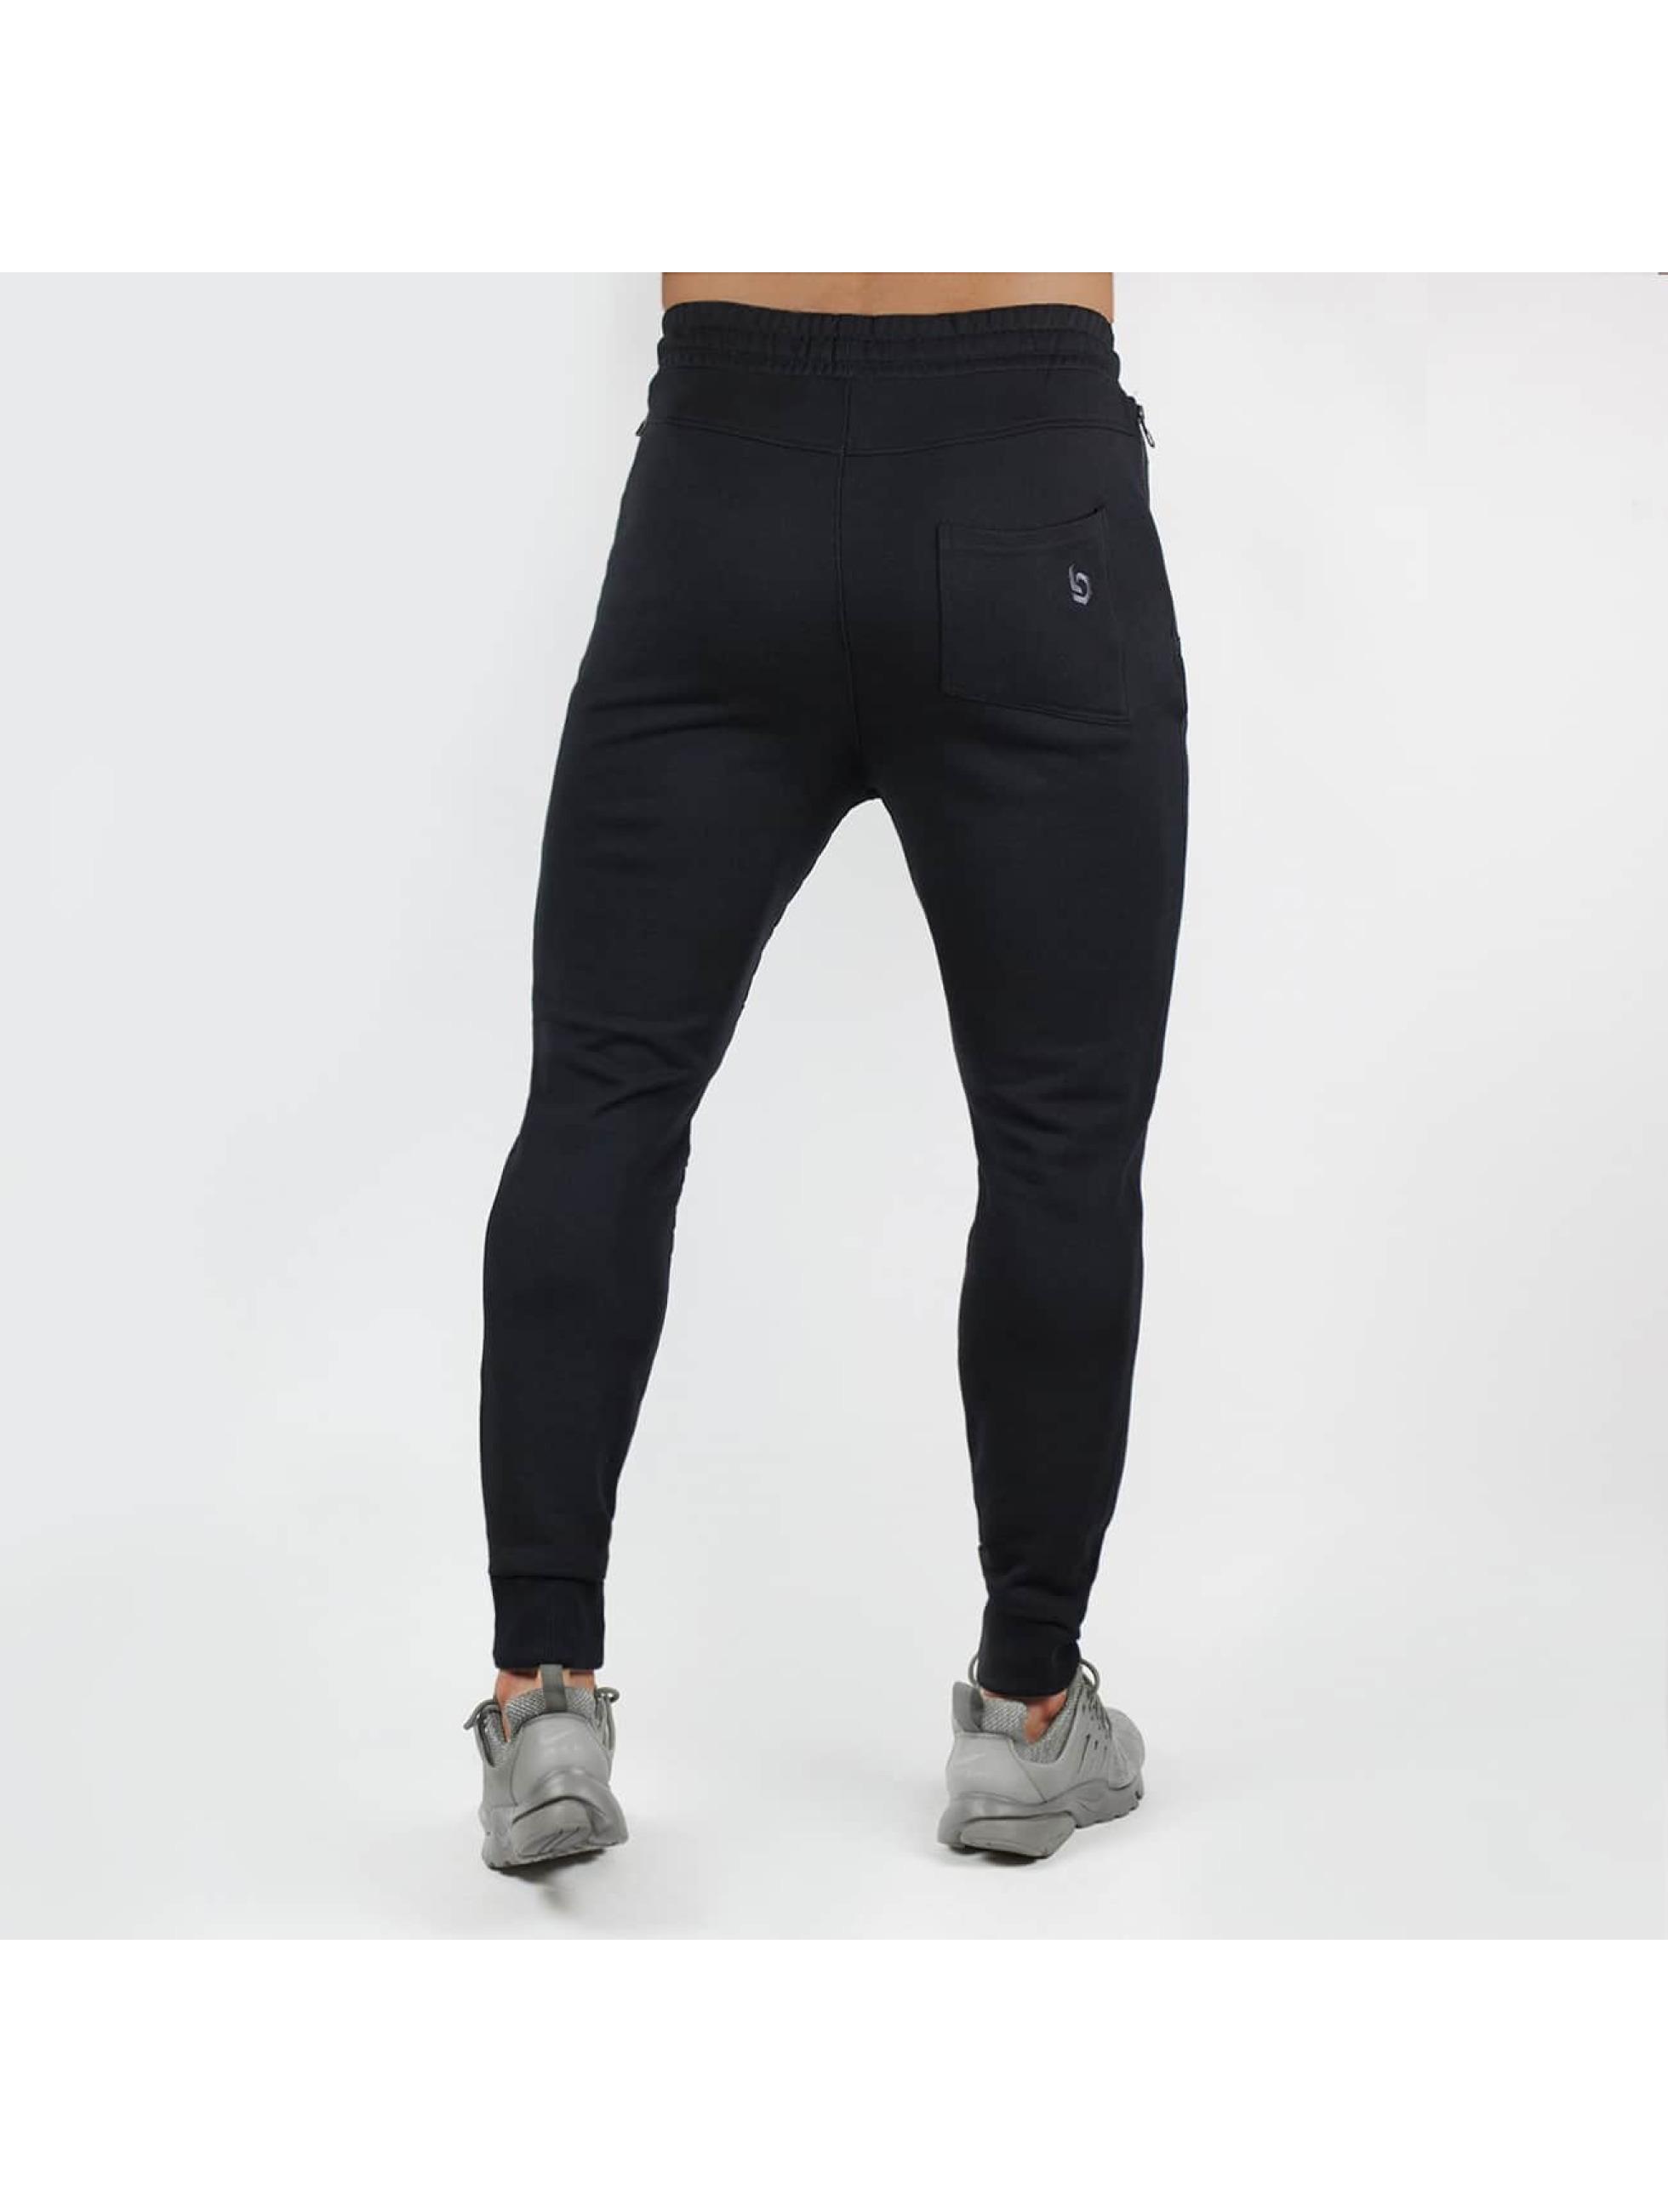 Beyond Limits Spodnie do joggingu Baseline czarny